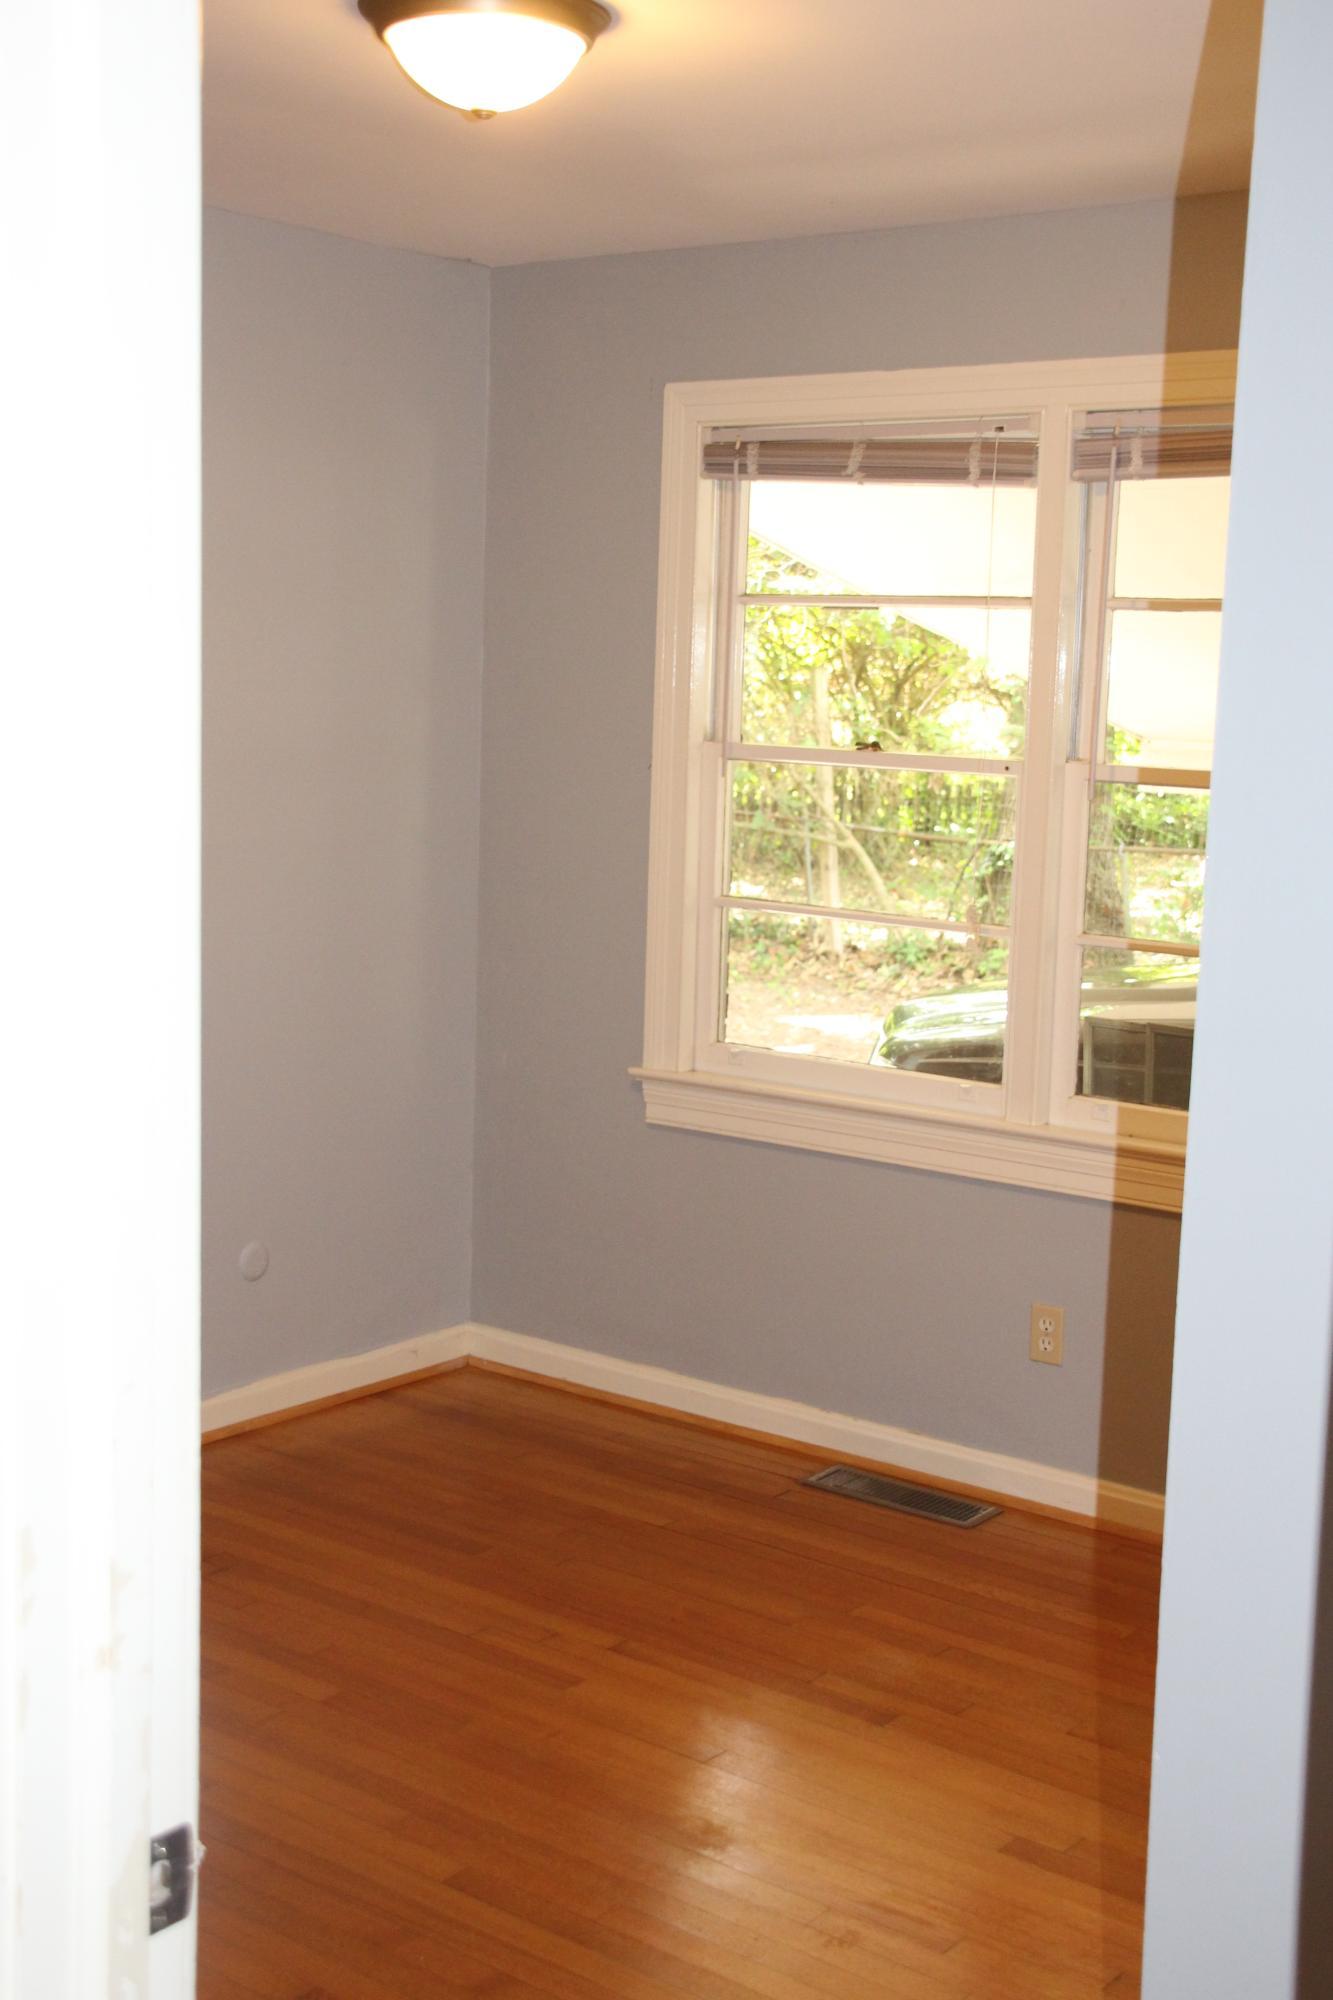 Essex Village Homes For Sale - 758 Westchester, Charleston, SC - 16